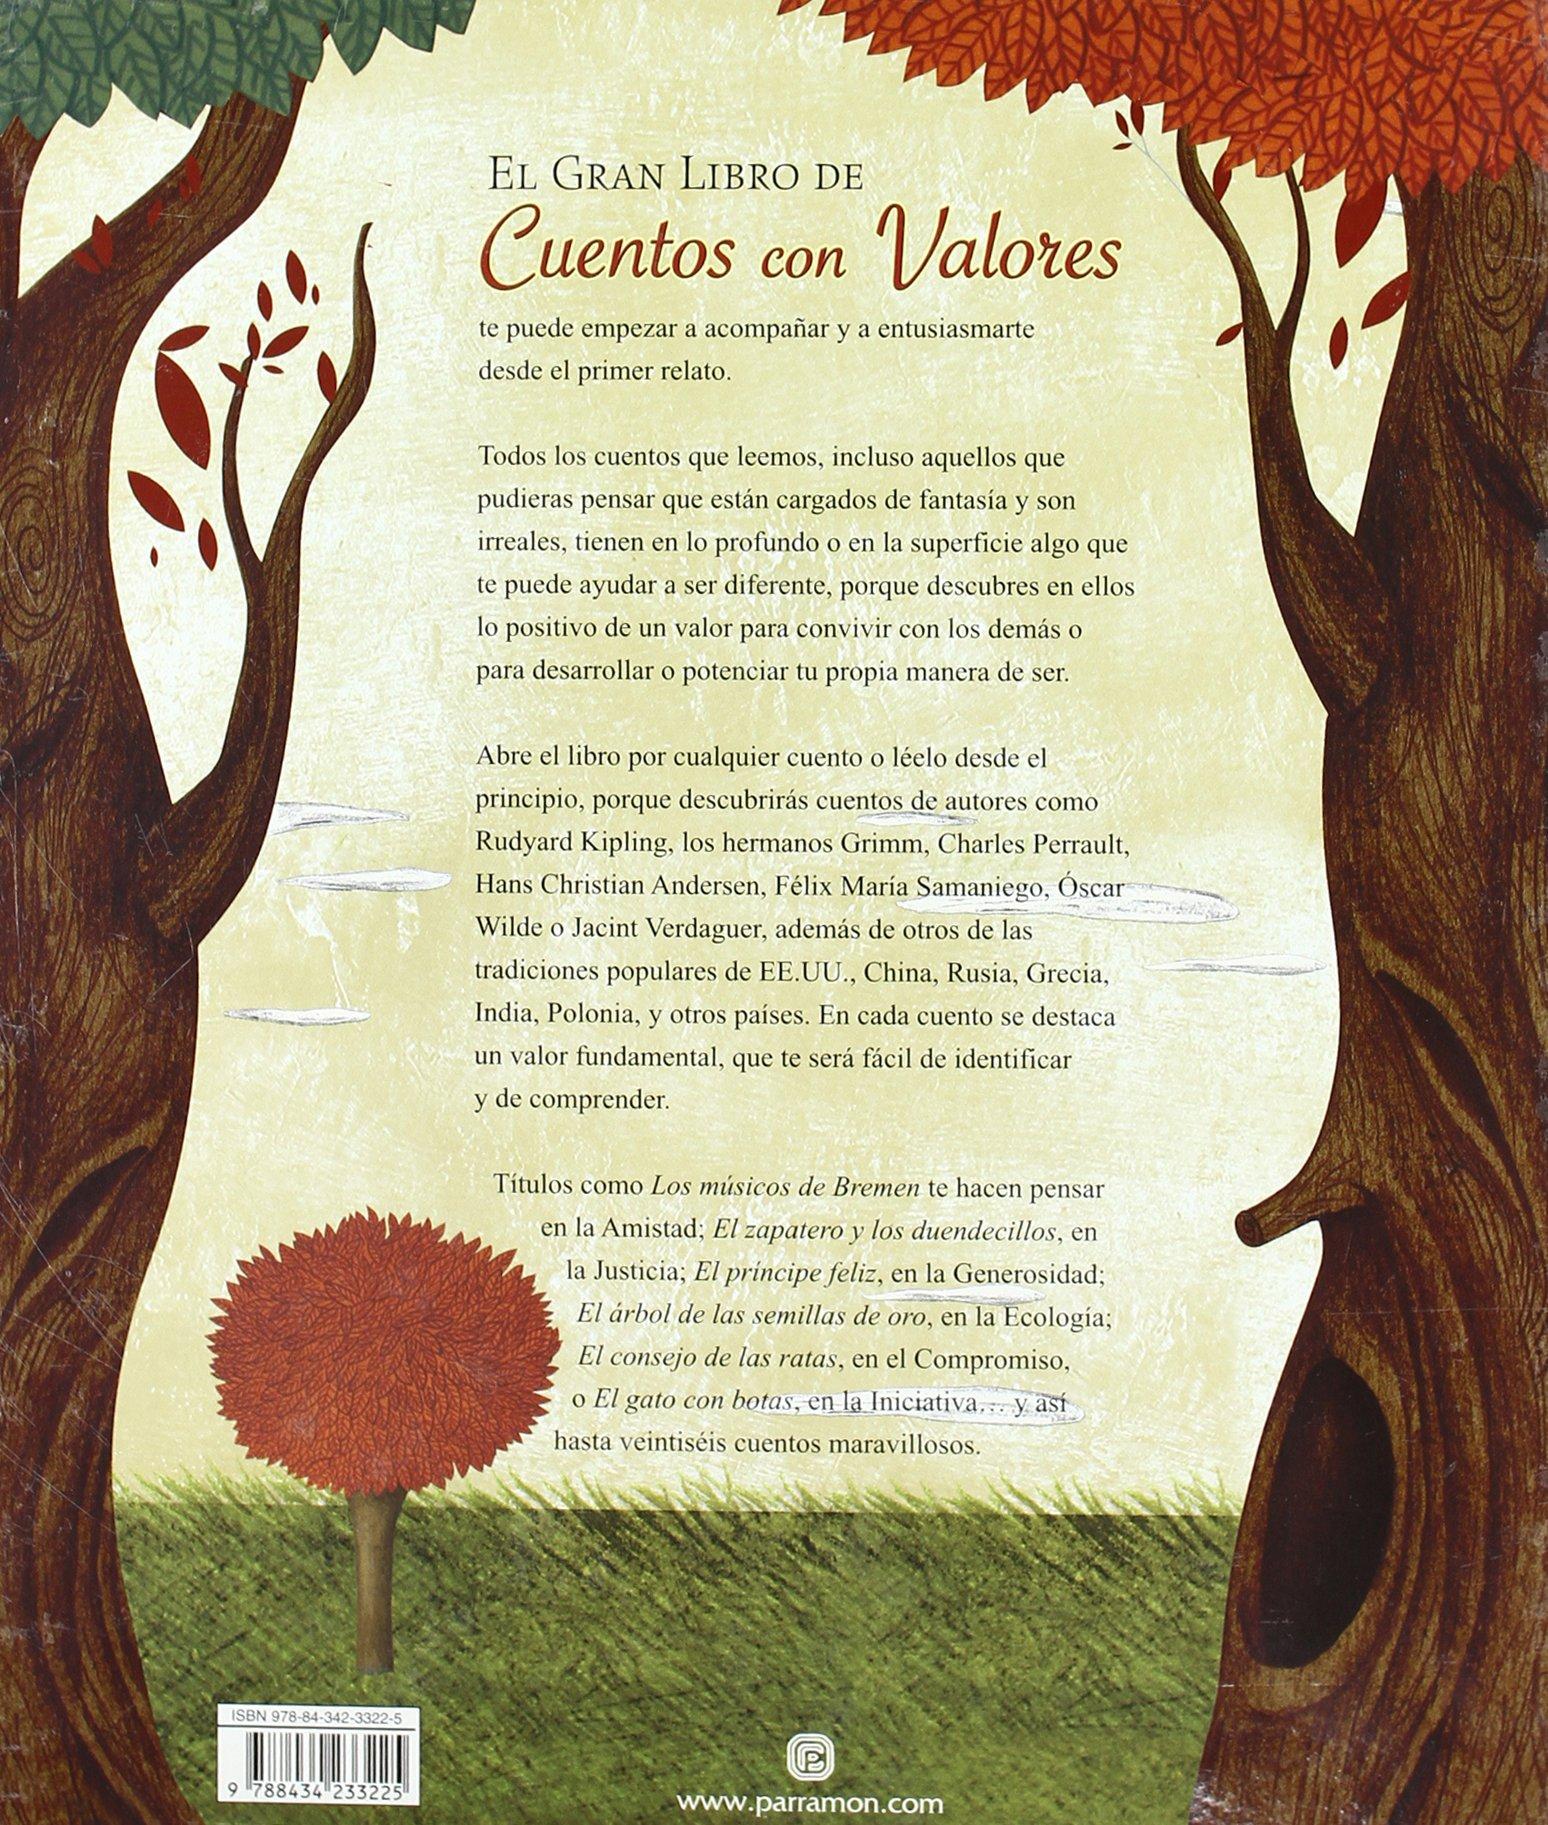 EL GRAN LIBRO DE LOS CUENTOS CON VALORES (Spanish Edition): Parramon: 9788434233225: Amazon.com: Books